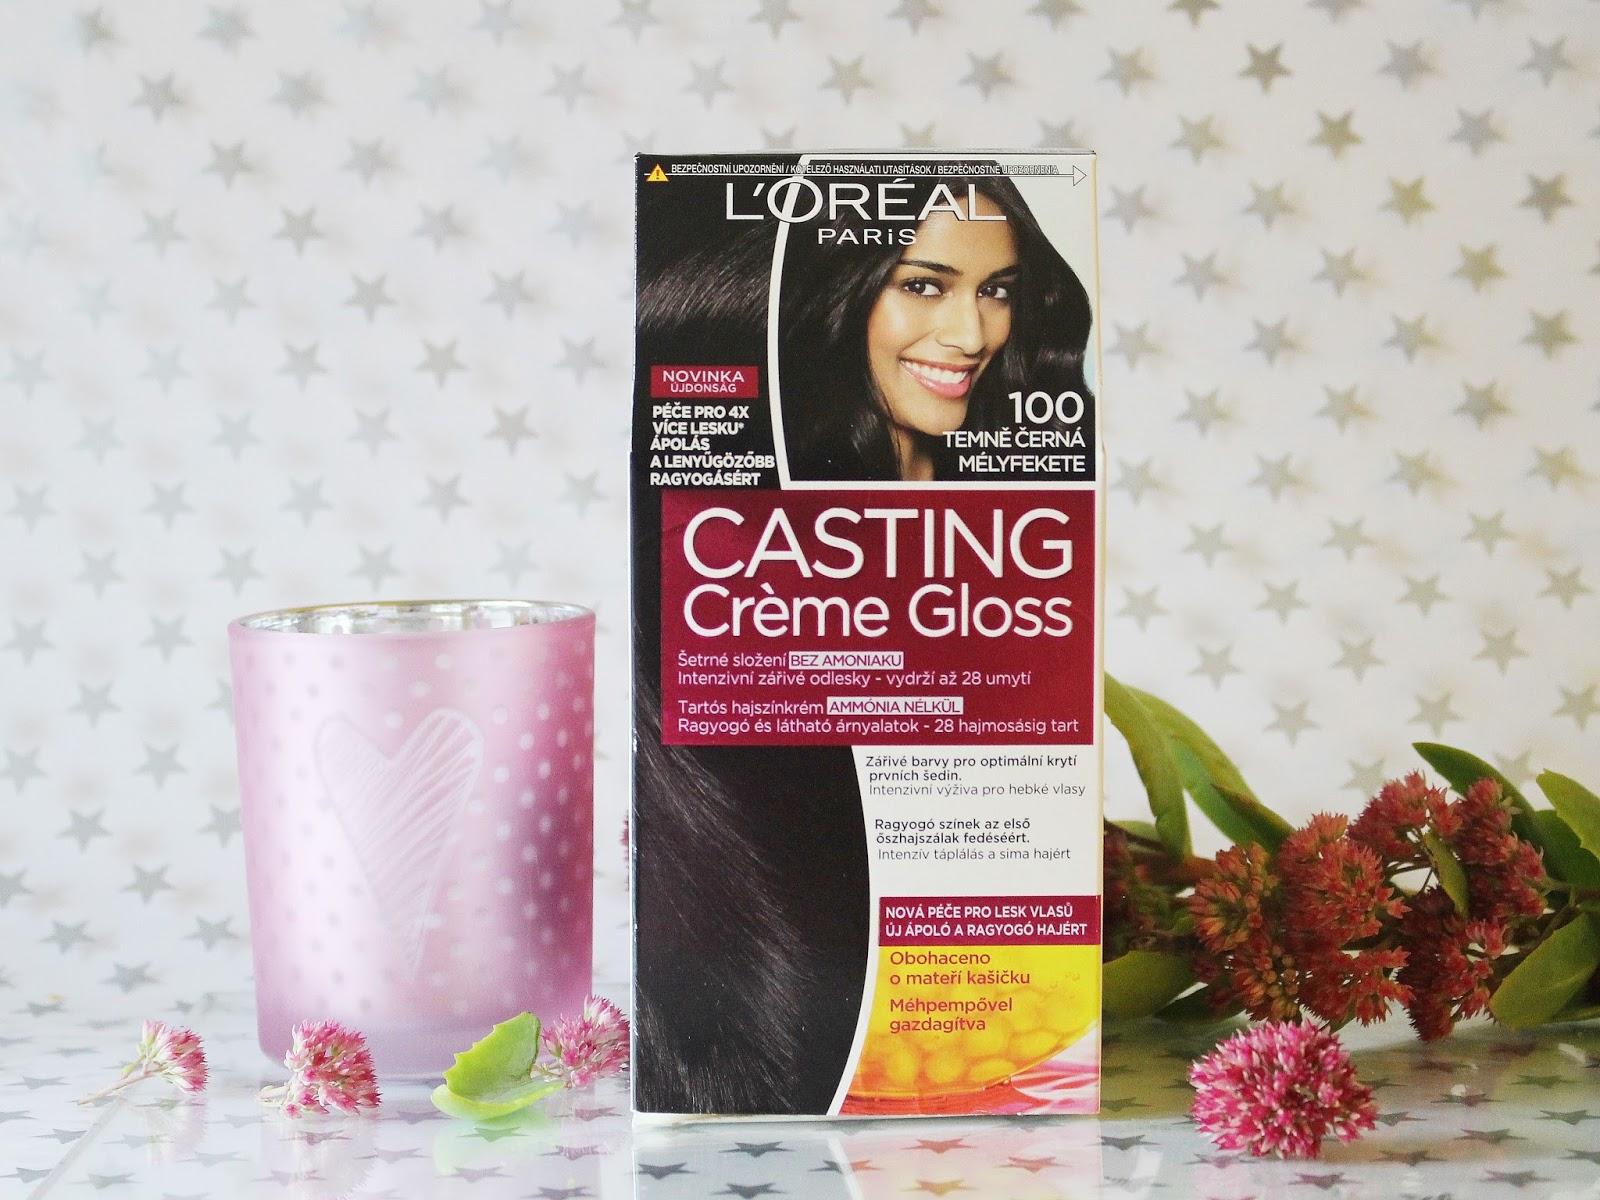 Túl a pasztellen Glamour-napok haul Casting Creme Gloss